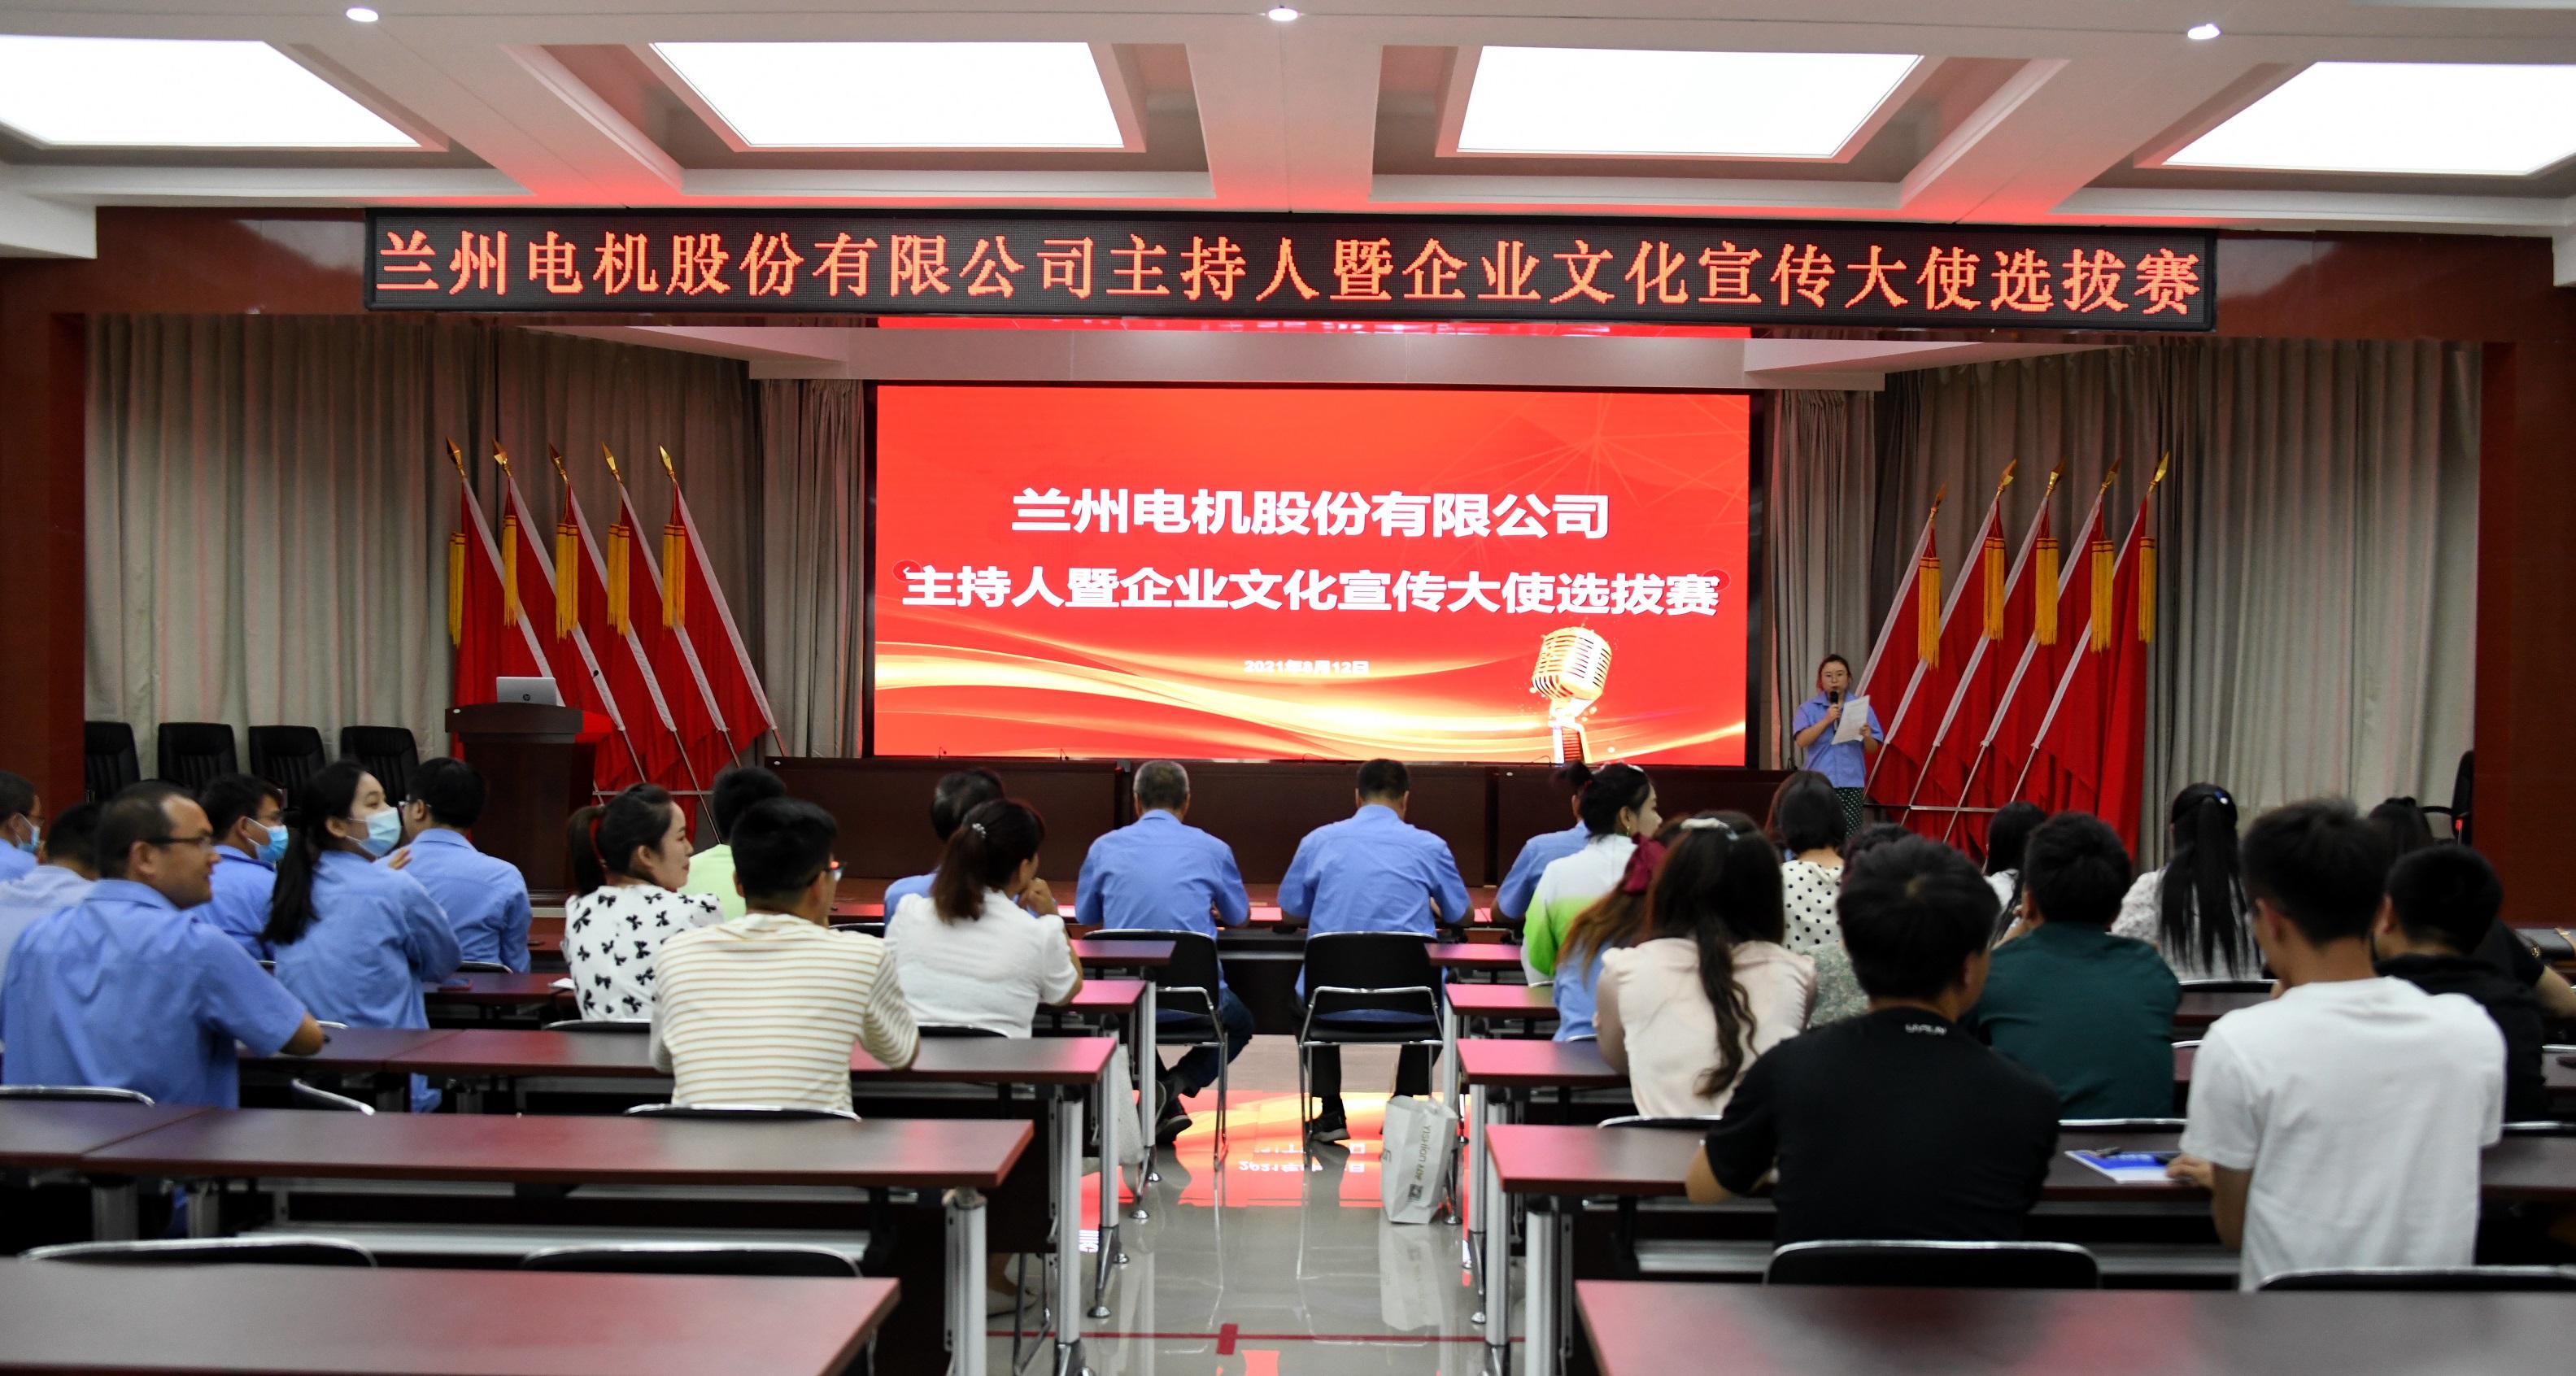 公司舉辦主持人暨企業文化宣傳大使選拔賽